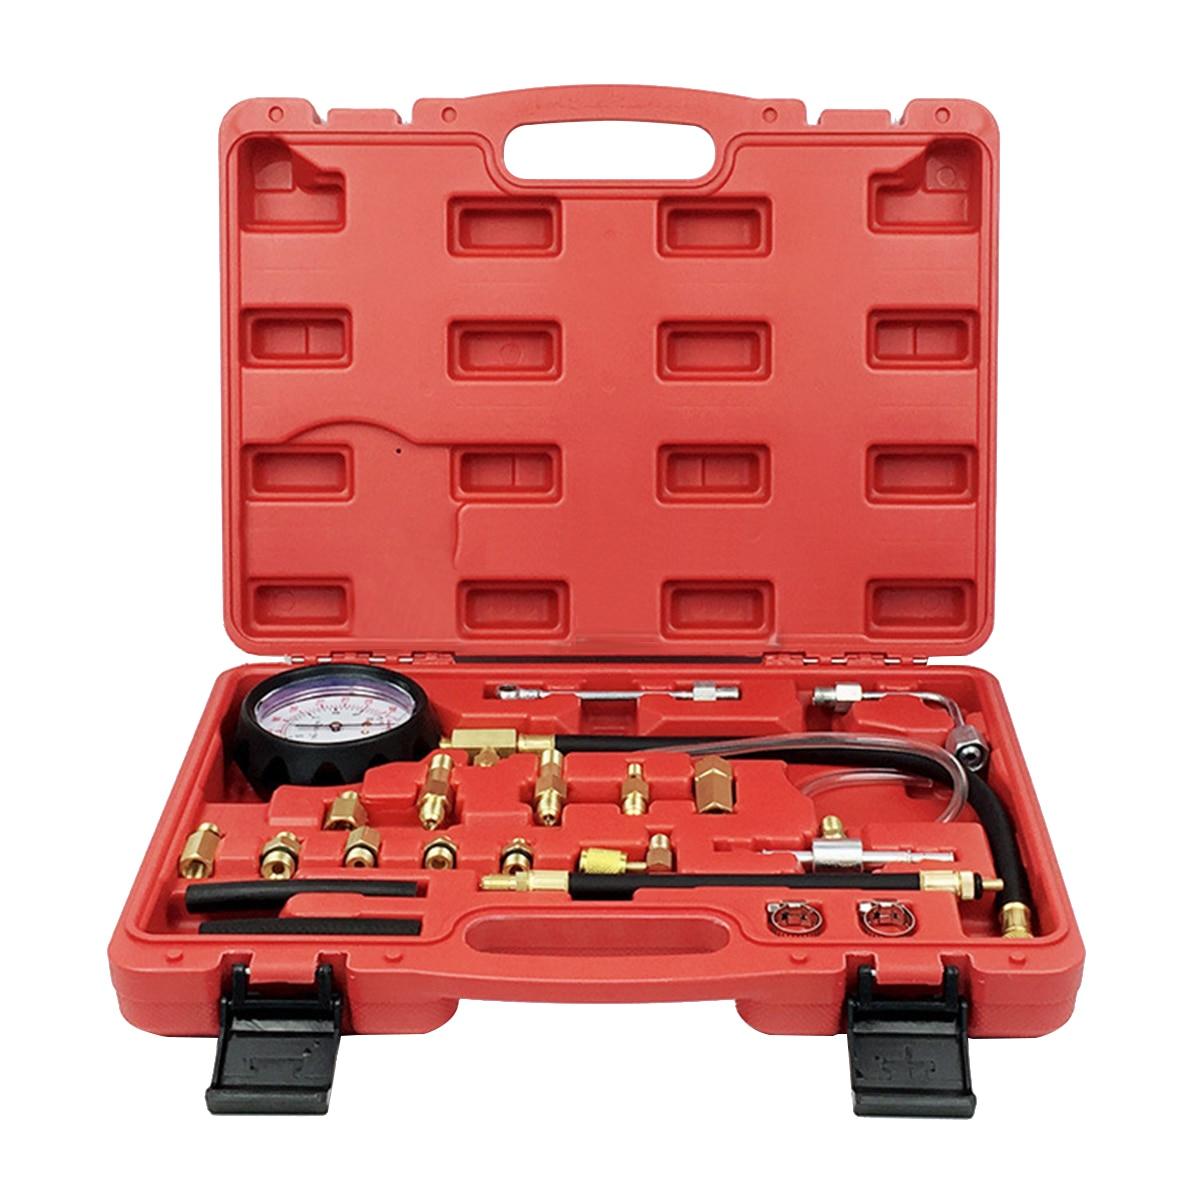 Voiture essence Diesel carburant manomètre testeur pompe d'injection outil de Diagnostic pompe à carburant testeur de pression